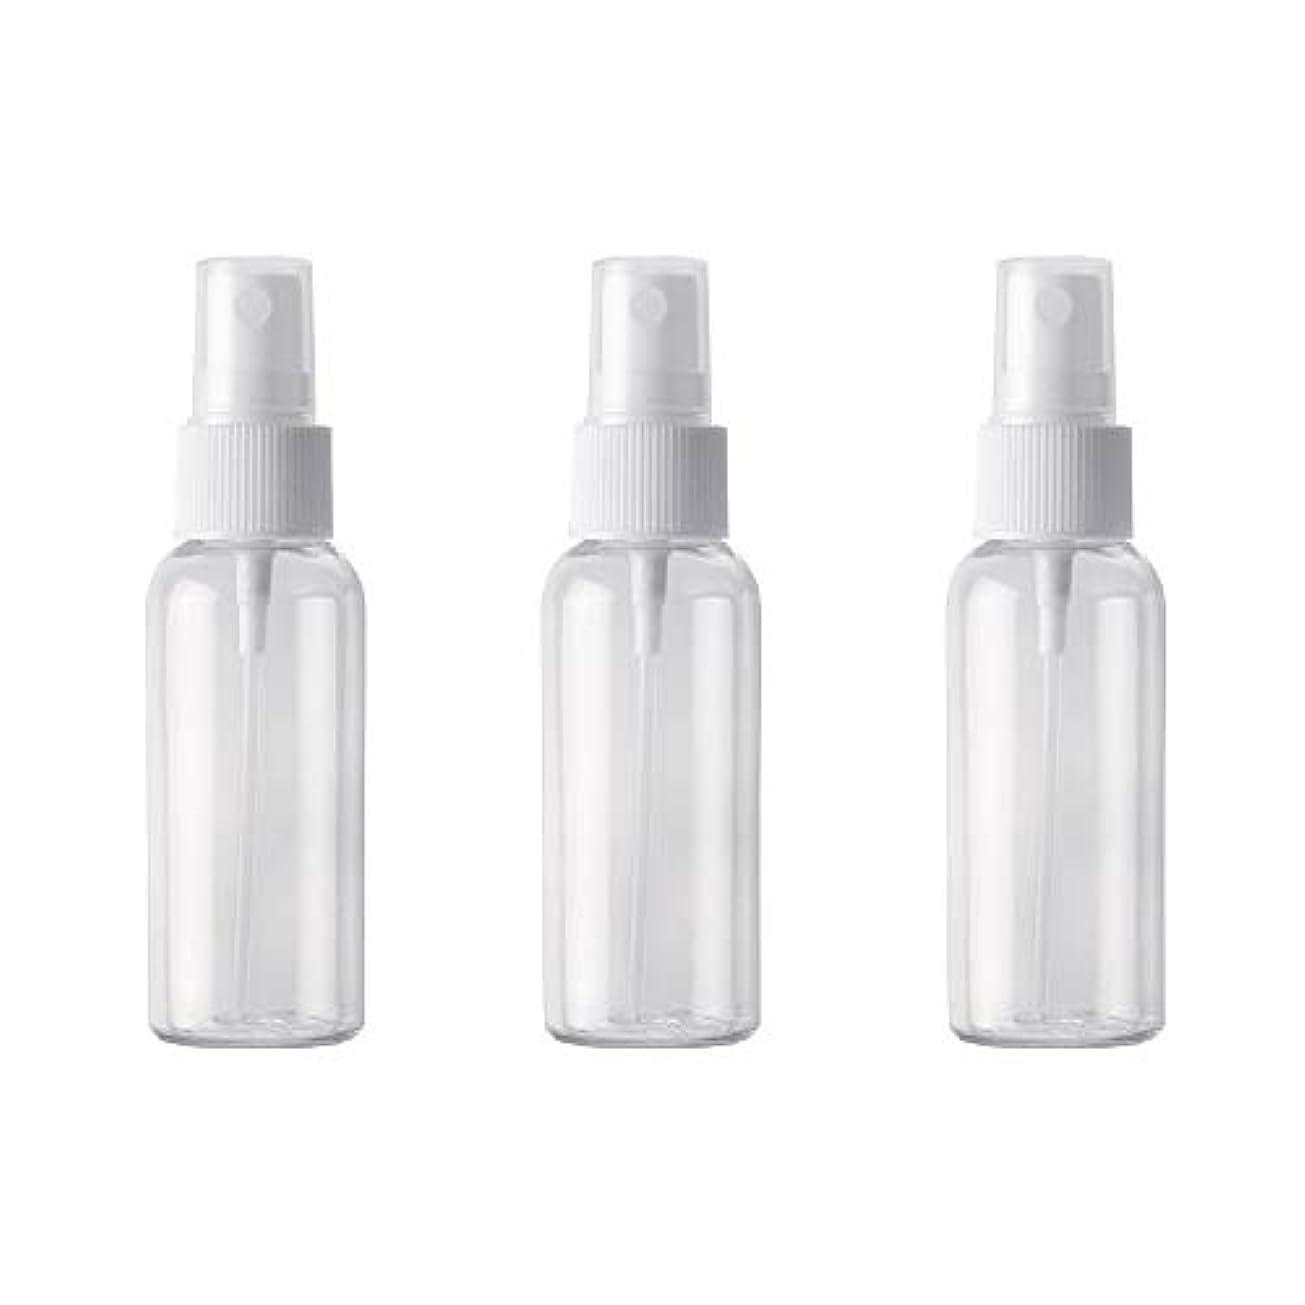 ローラー分割先祖Flymylion 小分けボトル スプレーボトル 50ml おしゃれ 空ボトル 3本セット 環境保護の材料 PET素材 化粧水 詰替用ボトル 旅行用品